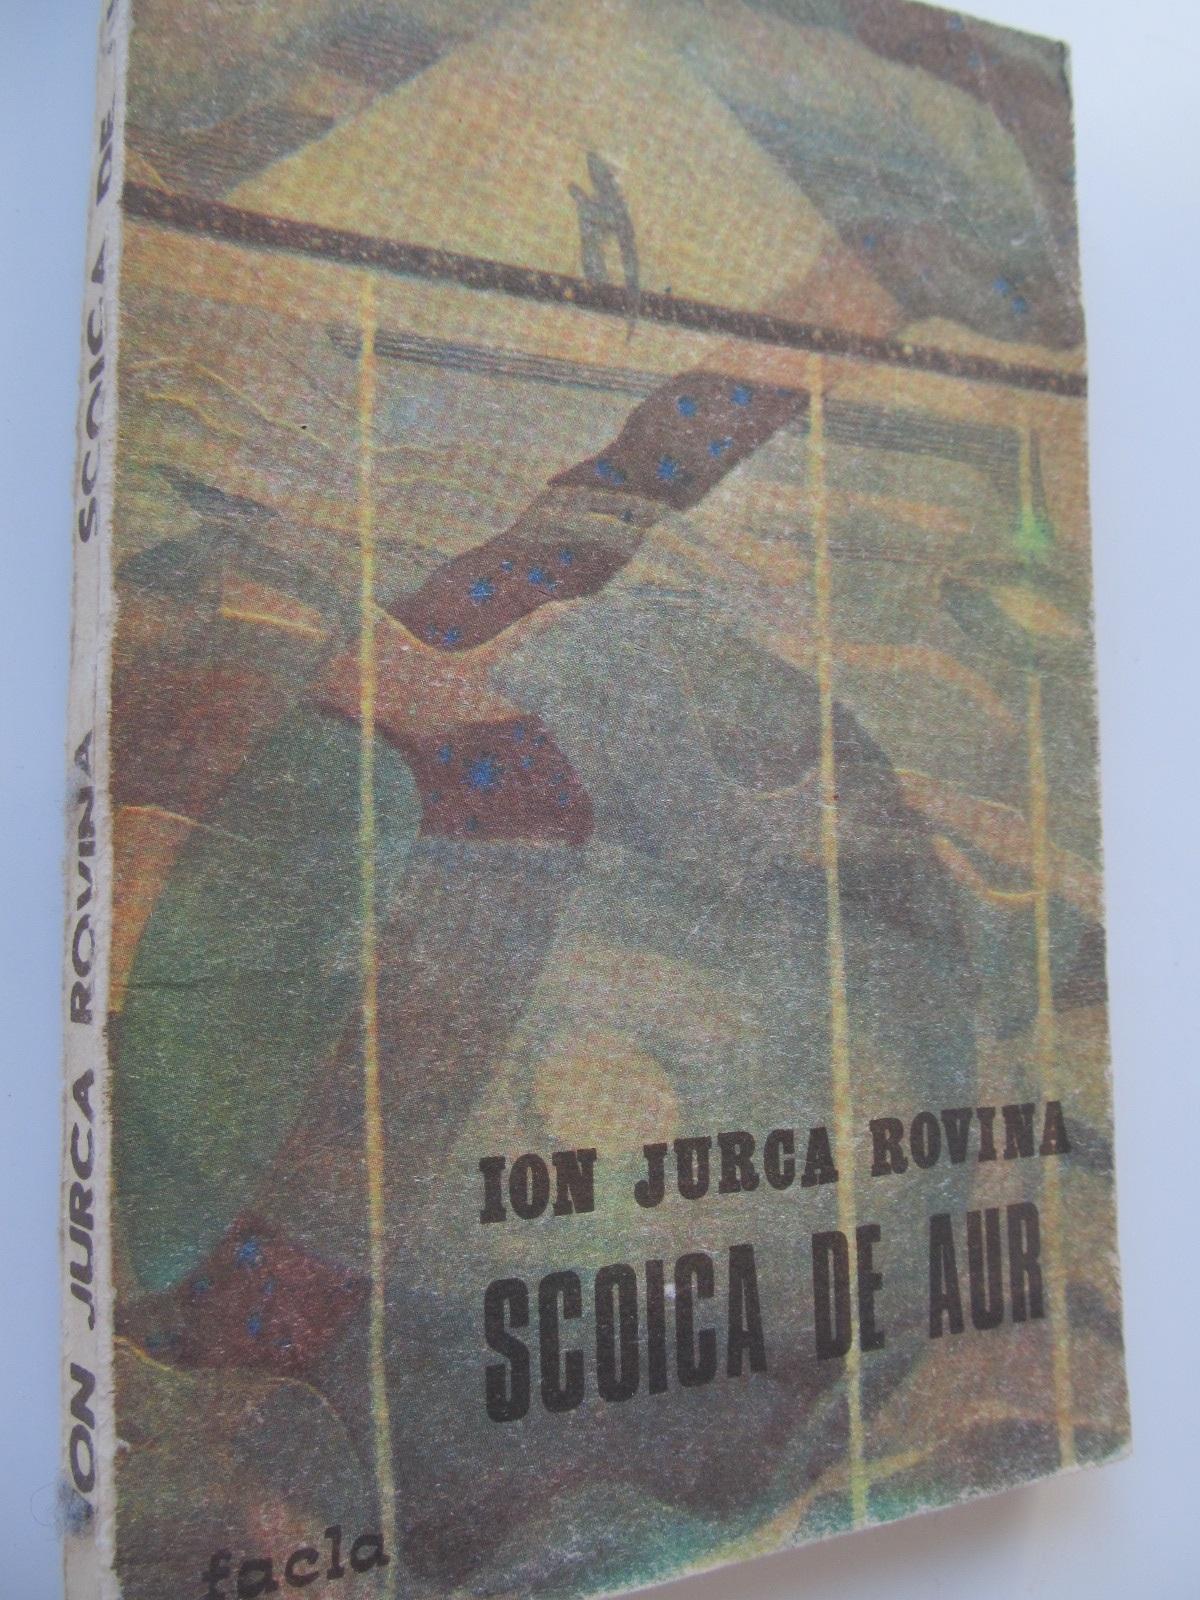 Carte Scoica de aur - Ion Jurca Rovina